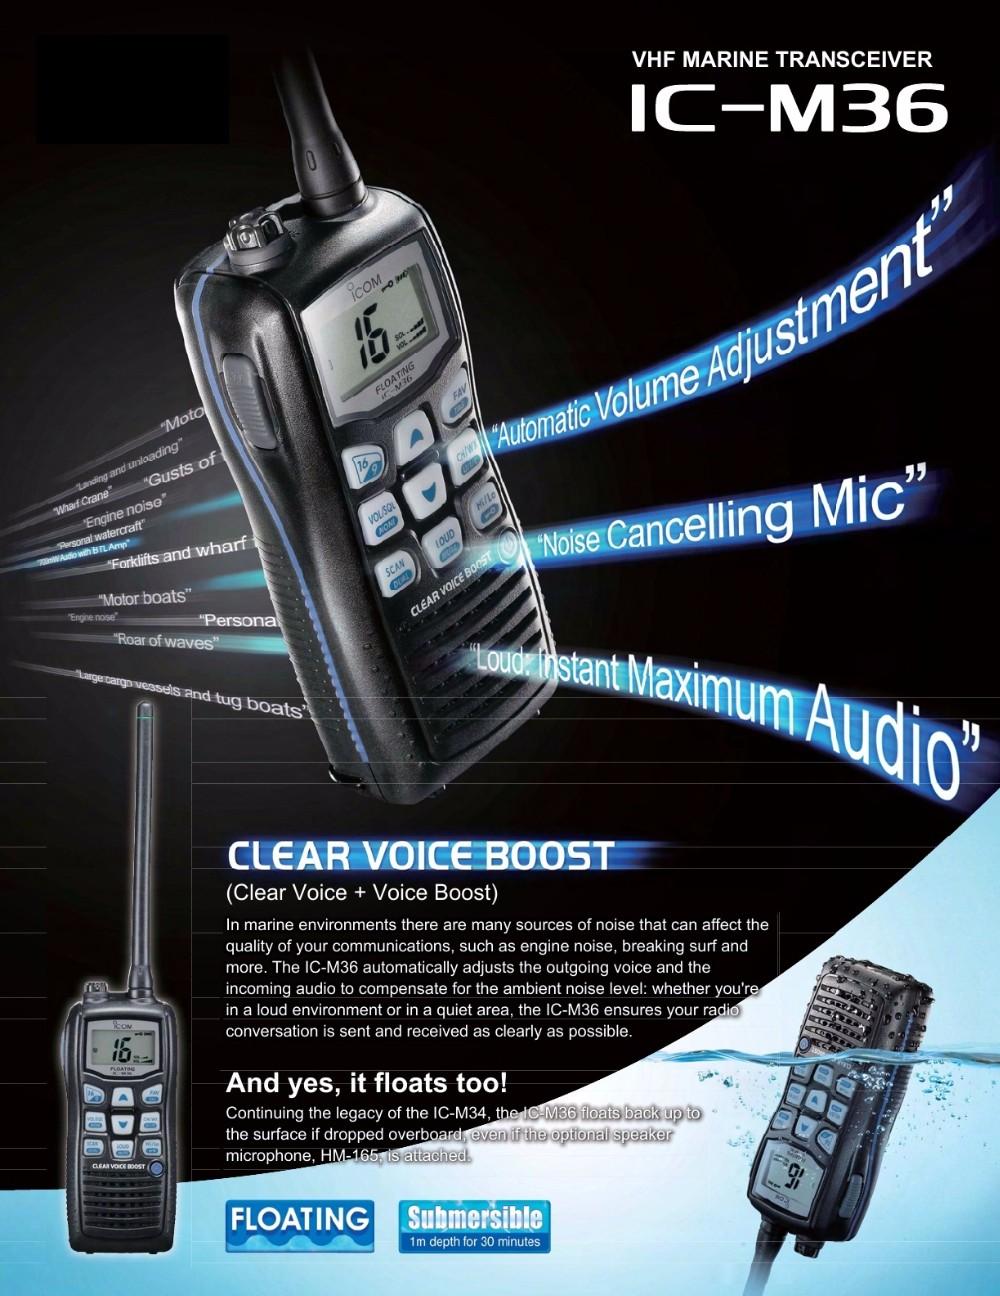 IC-M36 VHF Marine Handheld Radio